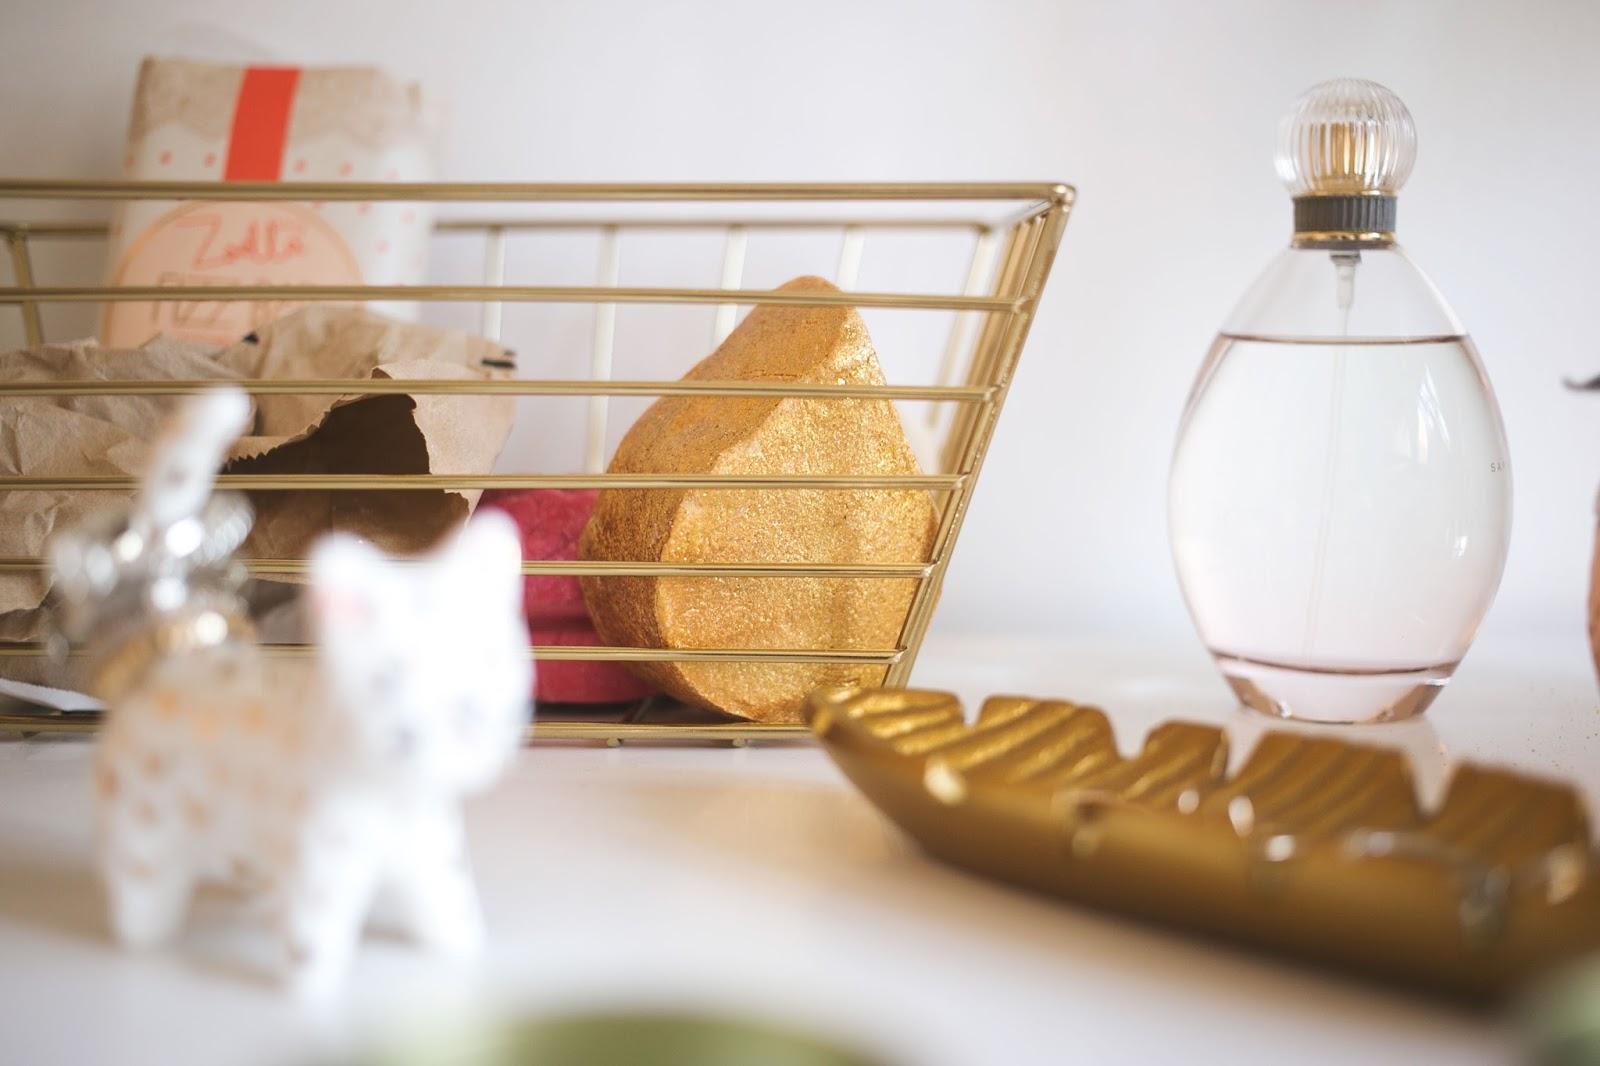 H&M Home, Oliver Bonas, White, SJP Lovely, Katie Writes Blog, Katie Writes,